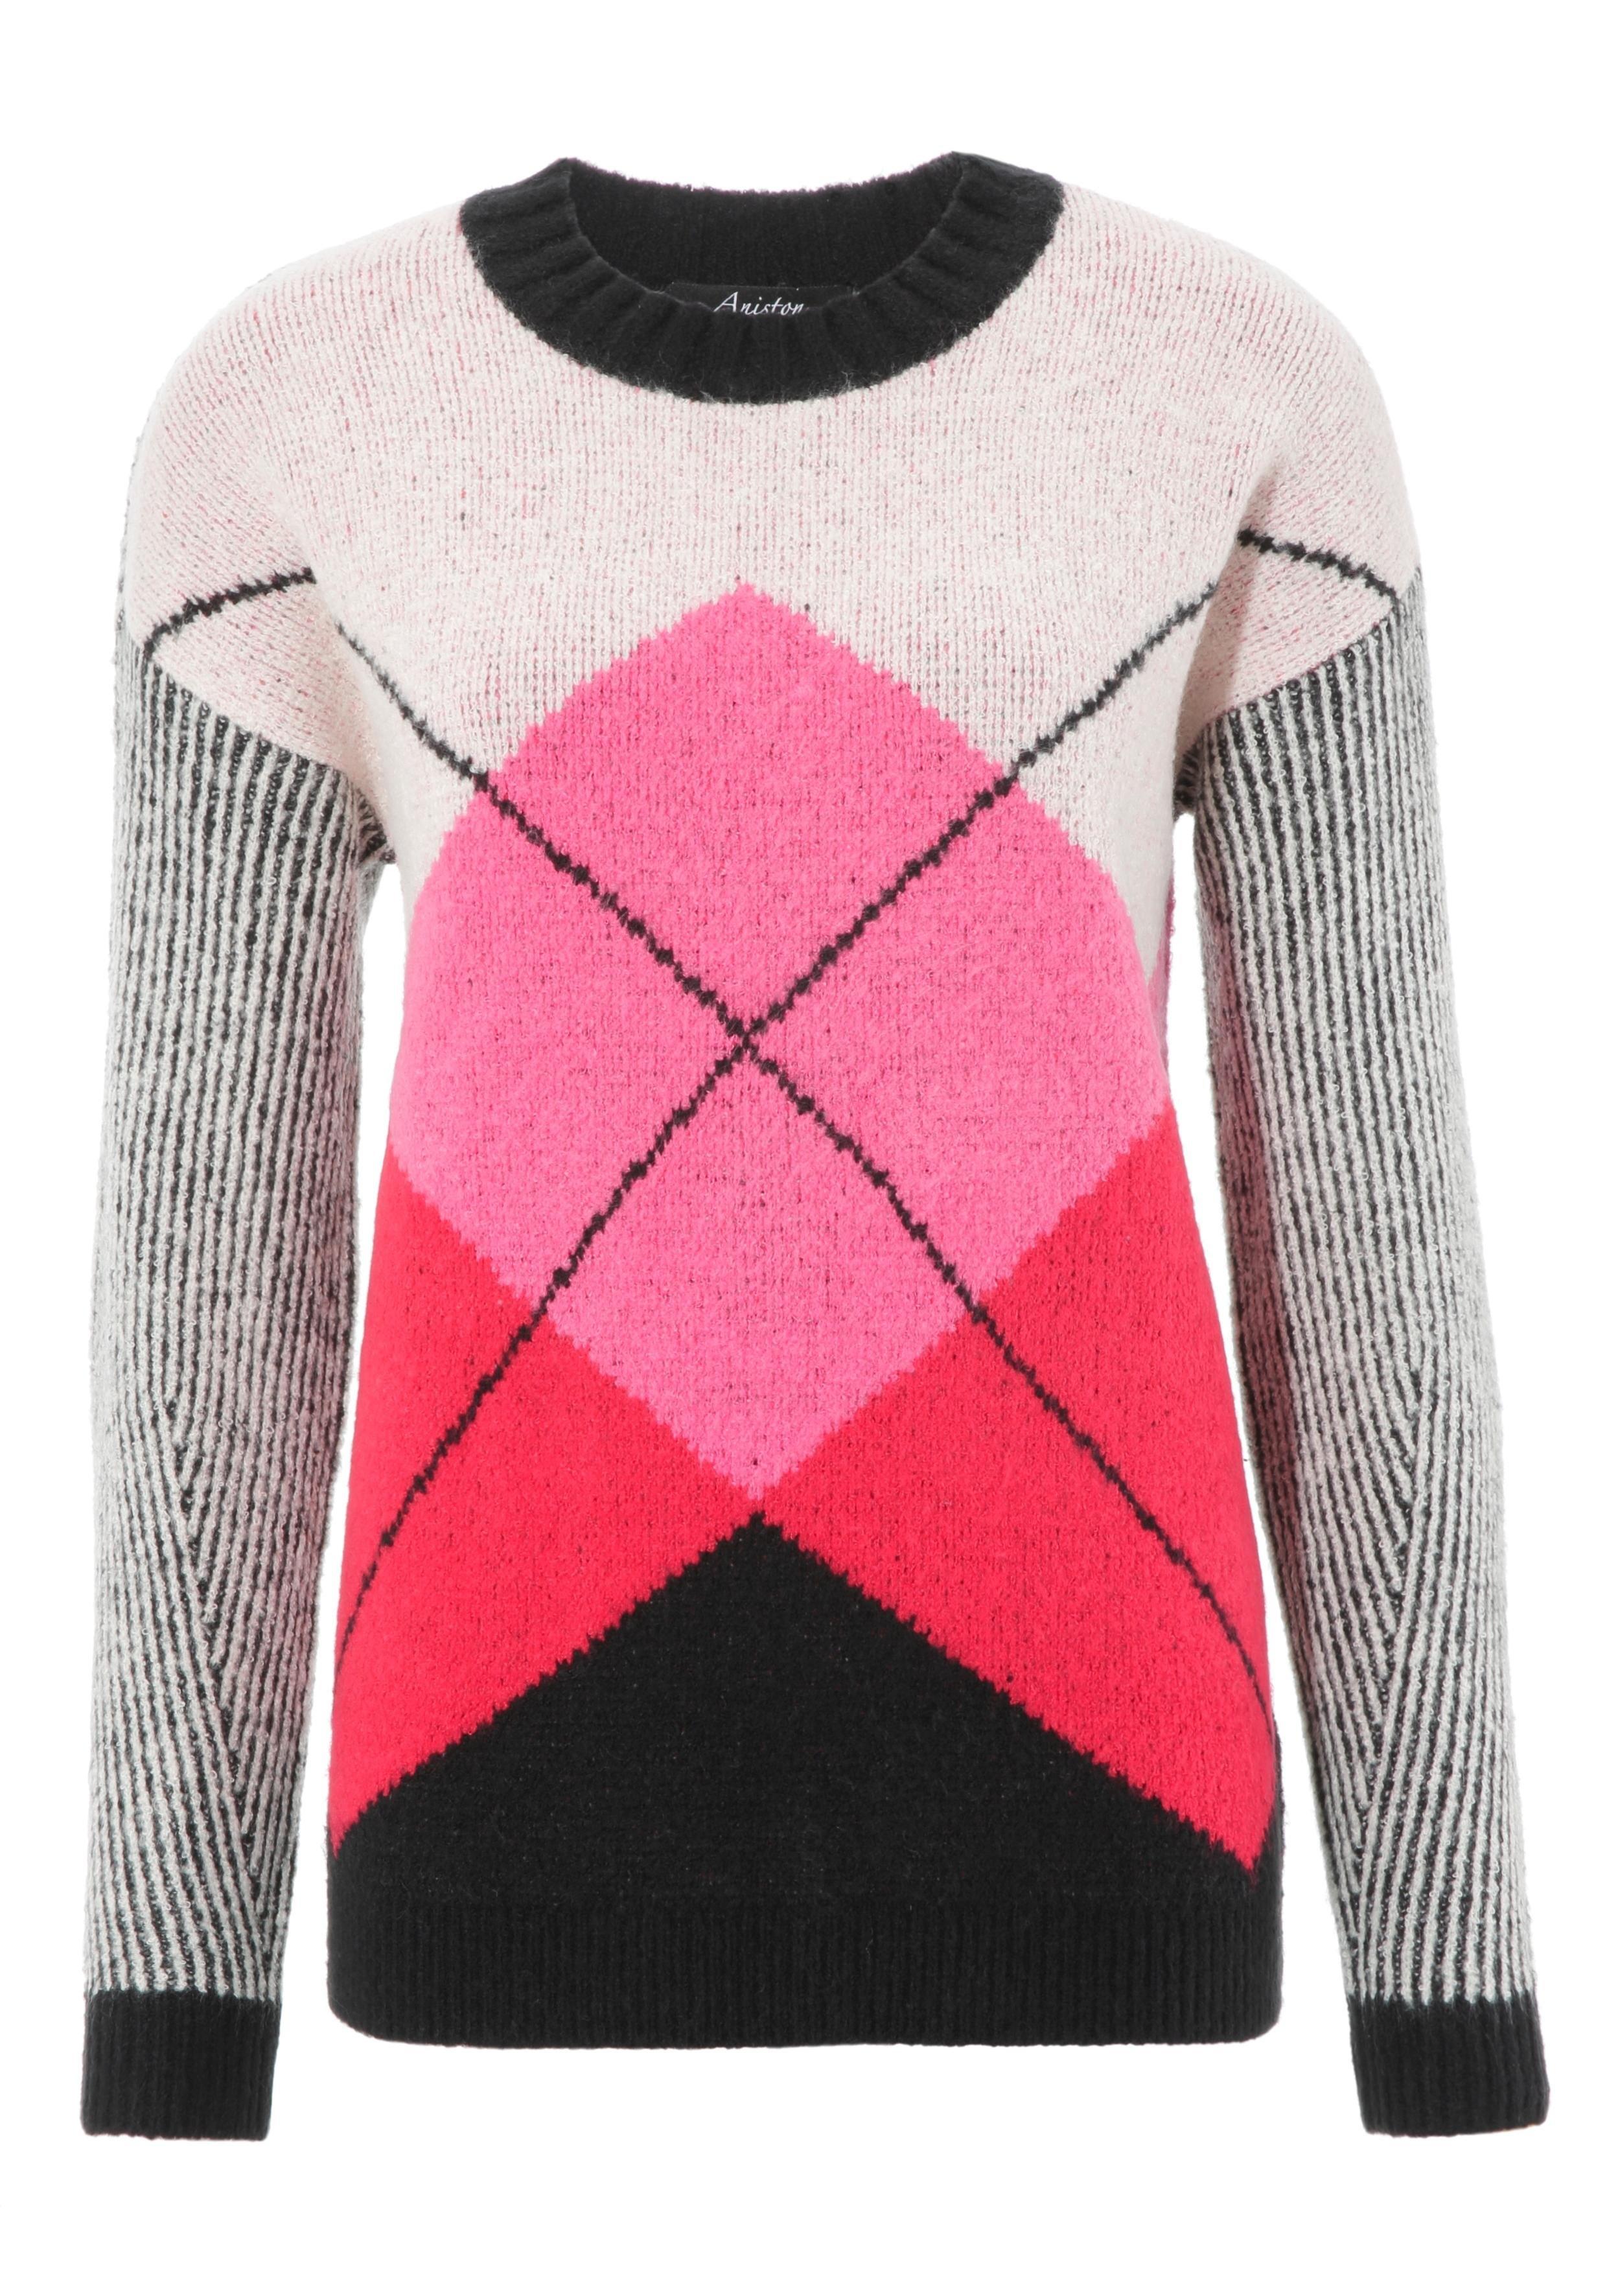 Aniston CASUAL trui met ronde hals bestellen: 30 dagen bedenktijd